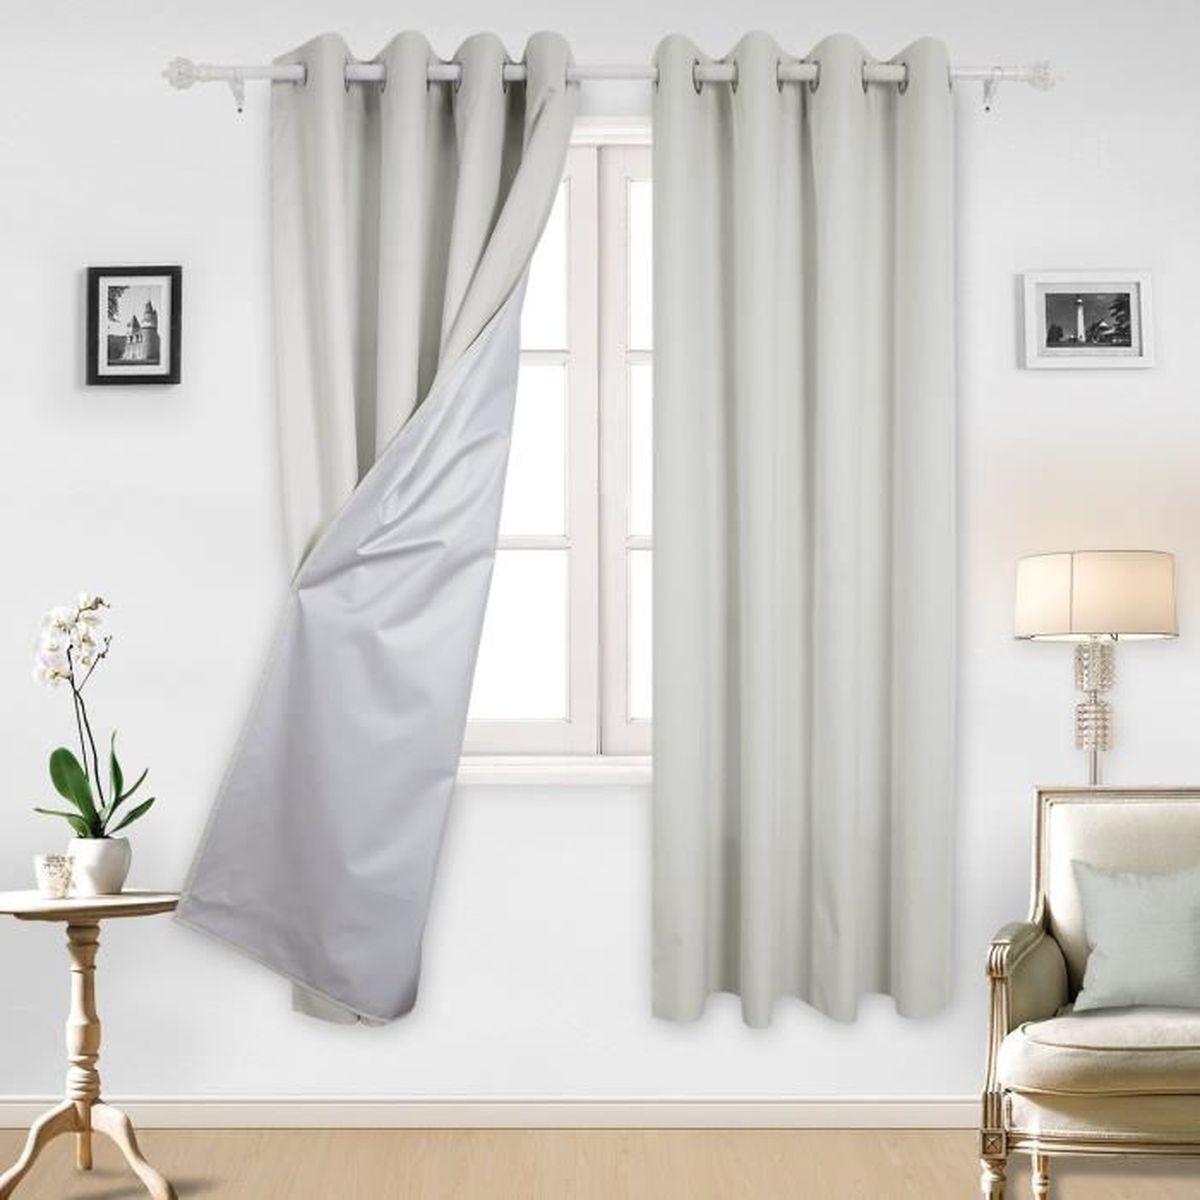 Rideaux Design Pour Chambre deconovo lot de 2 rideaux de porte avec revêtement argenté